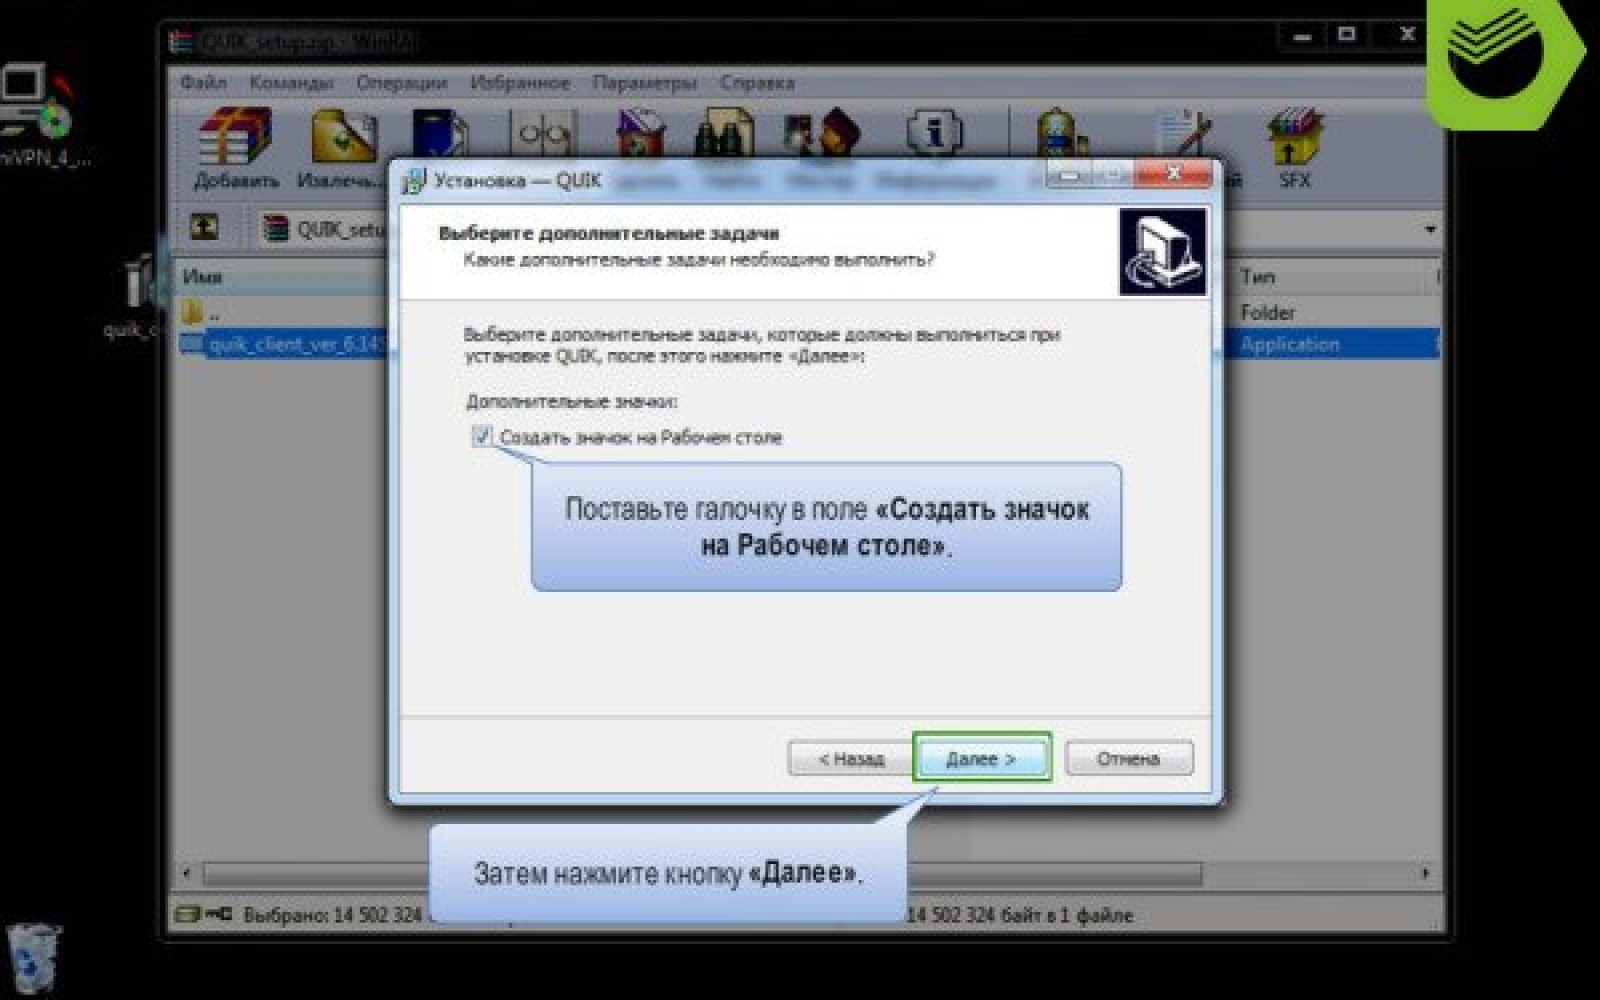 Купить акции Газпрома физическому лицу в Сбербанке16